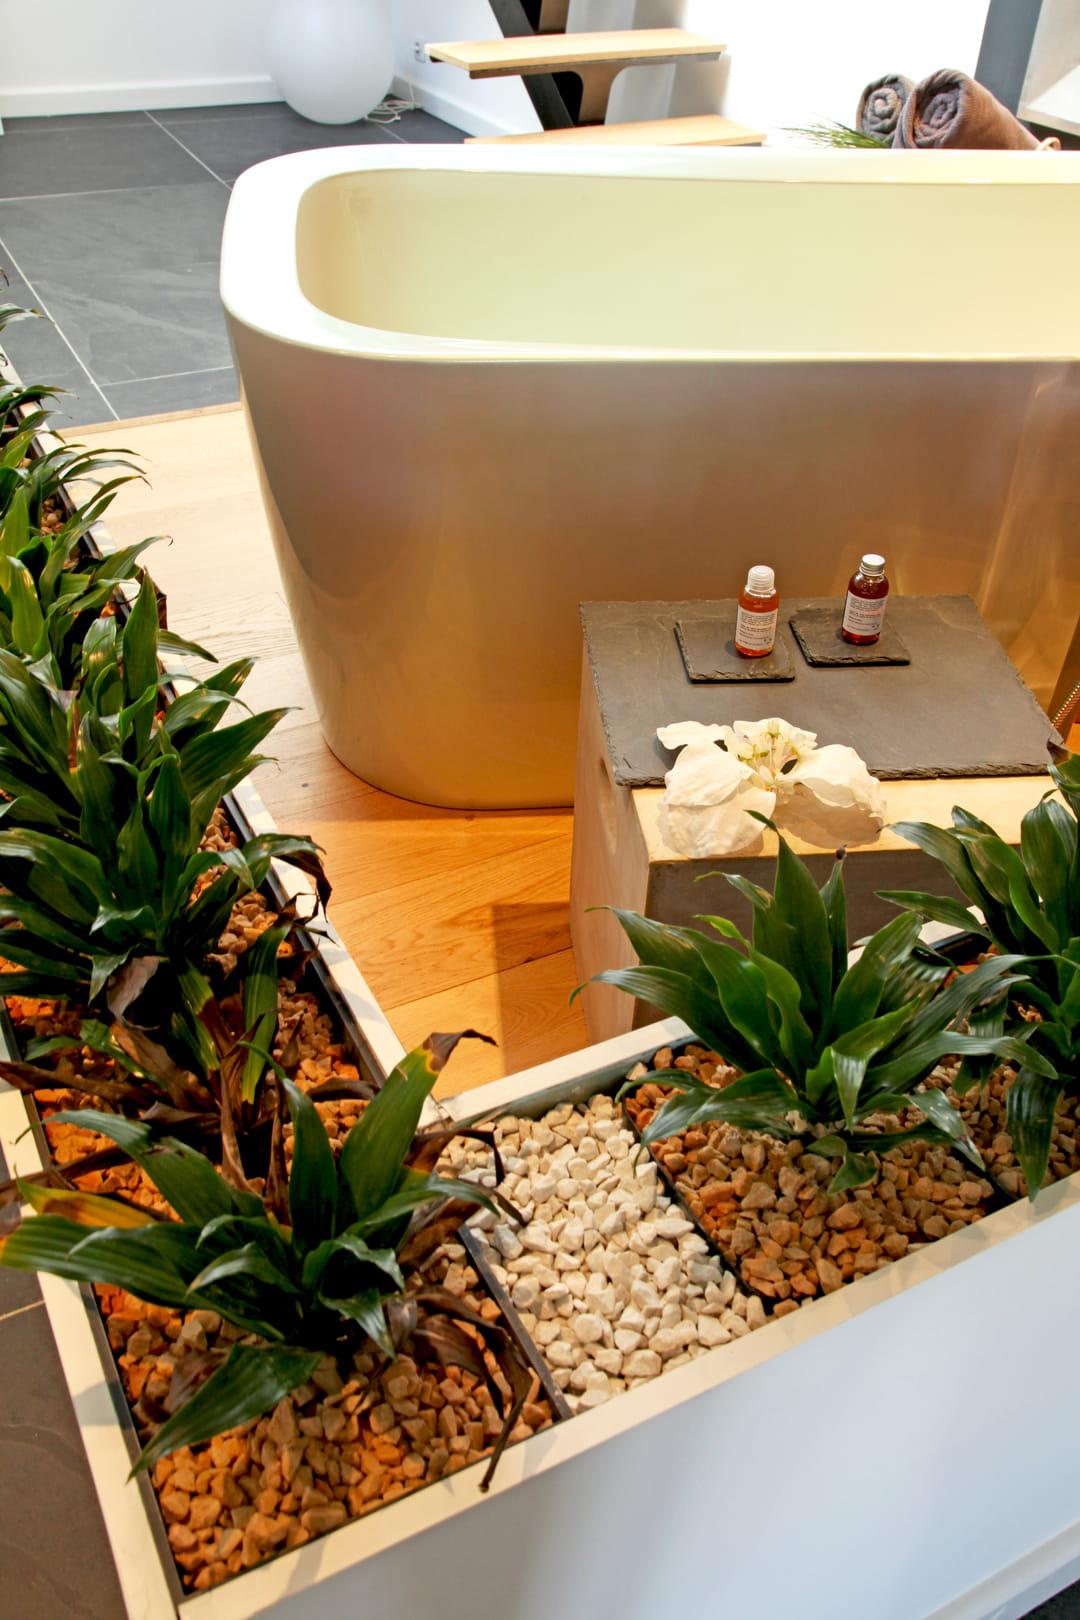 Comment cr er une salle de bains zen - Comment garder une orchidee ...